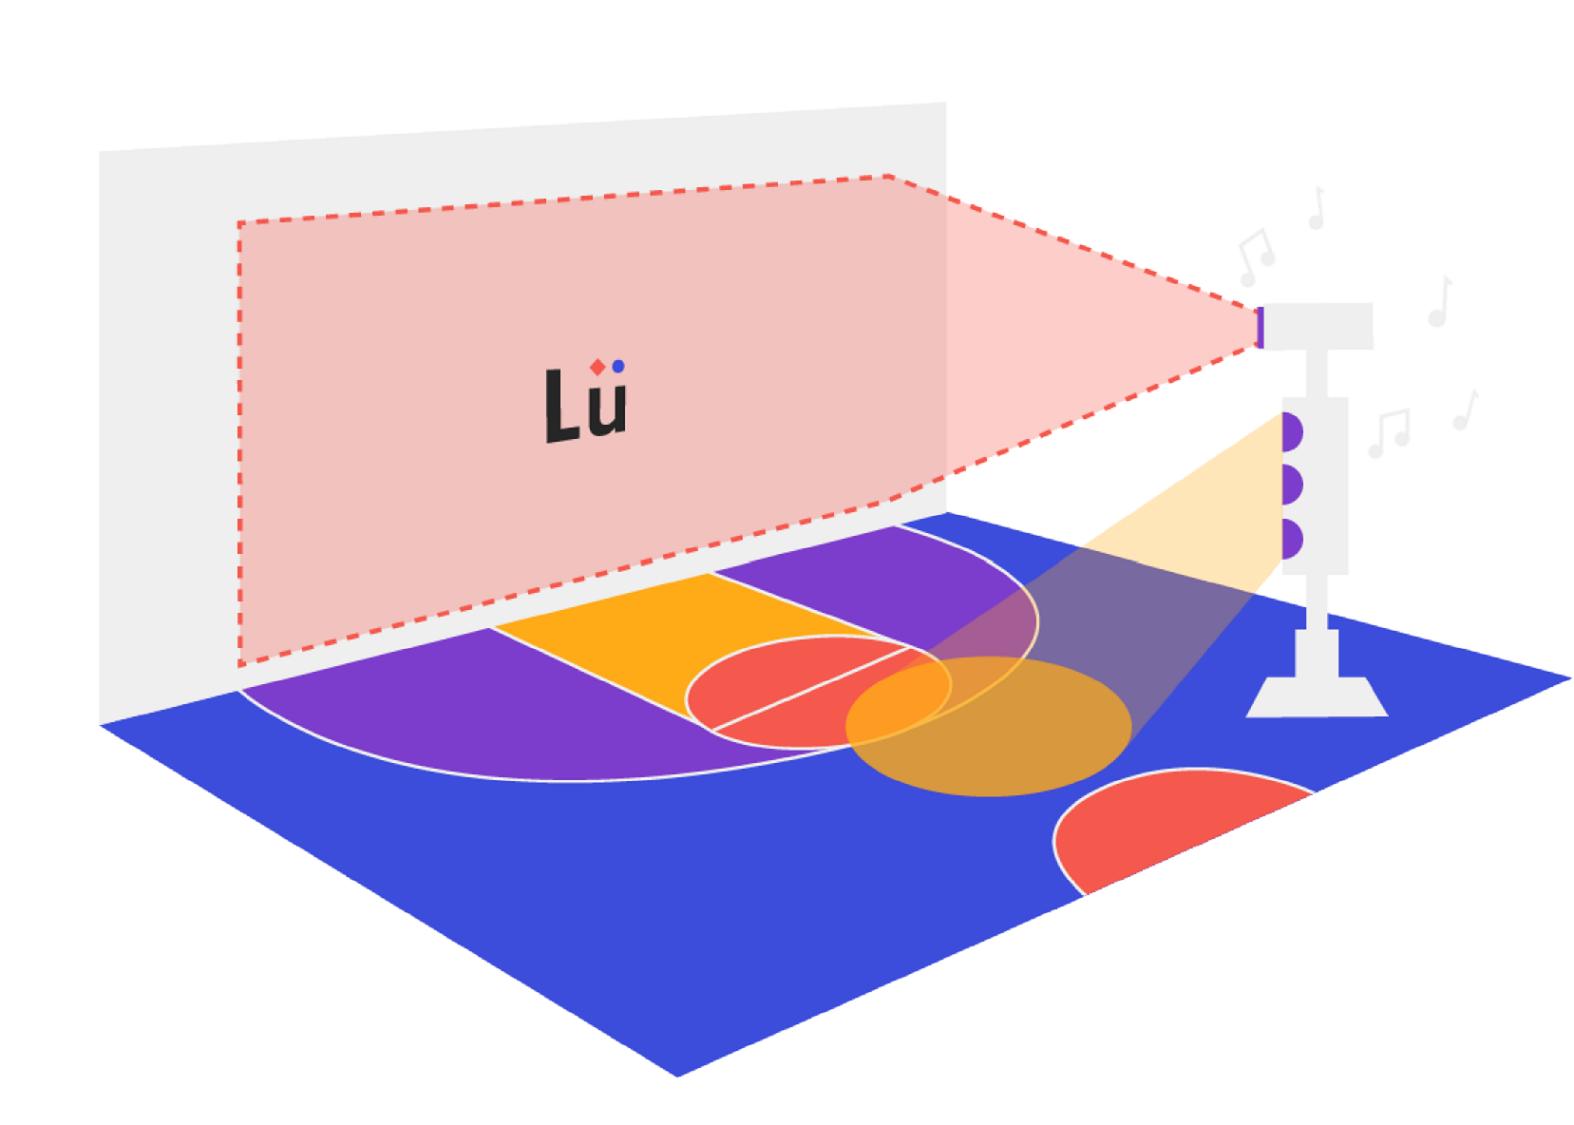 système Lü configuration MOBILE